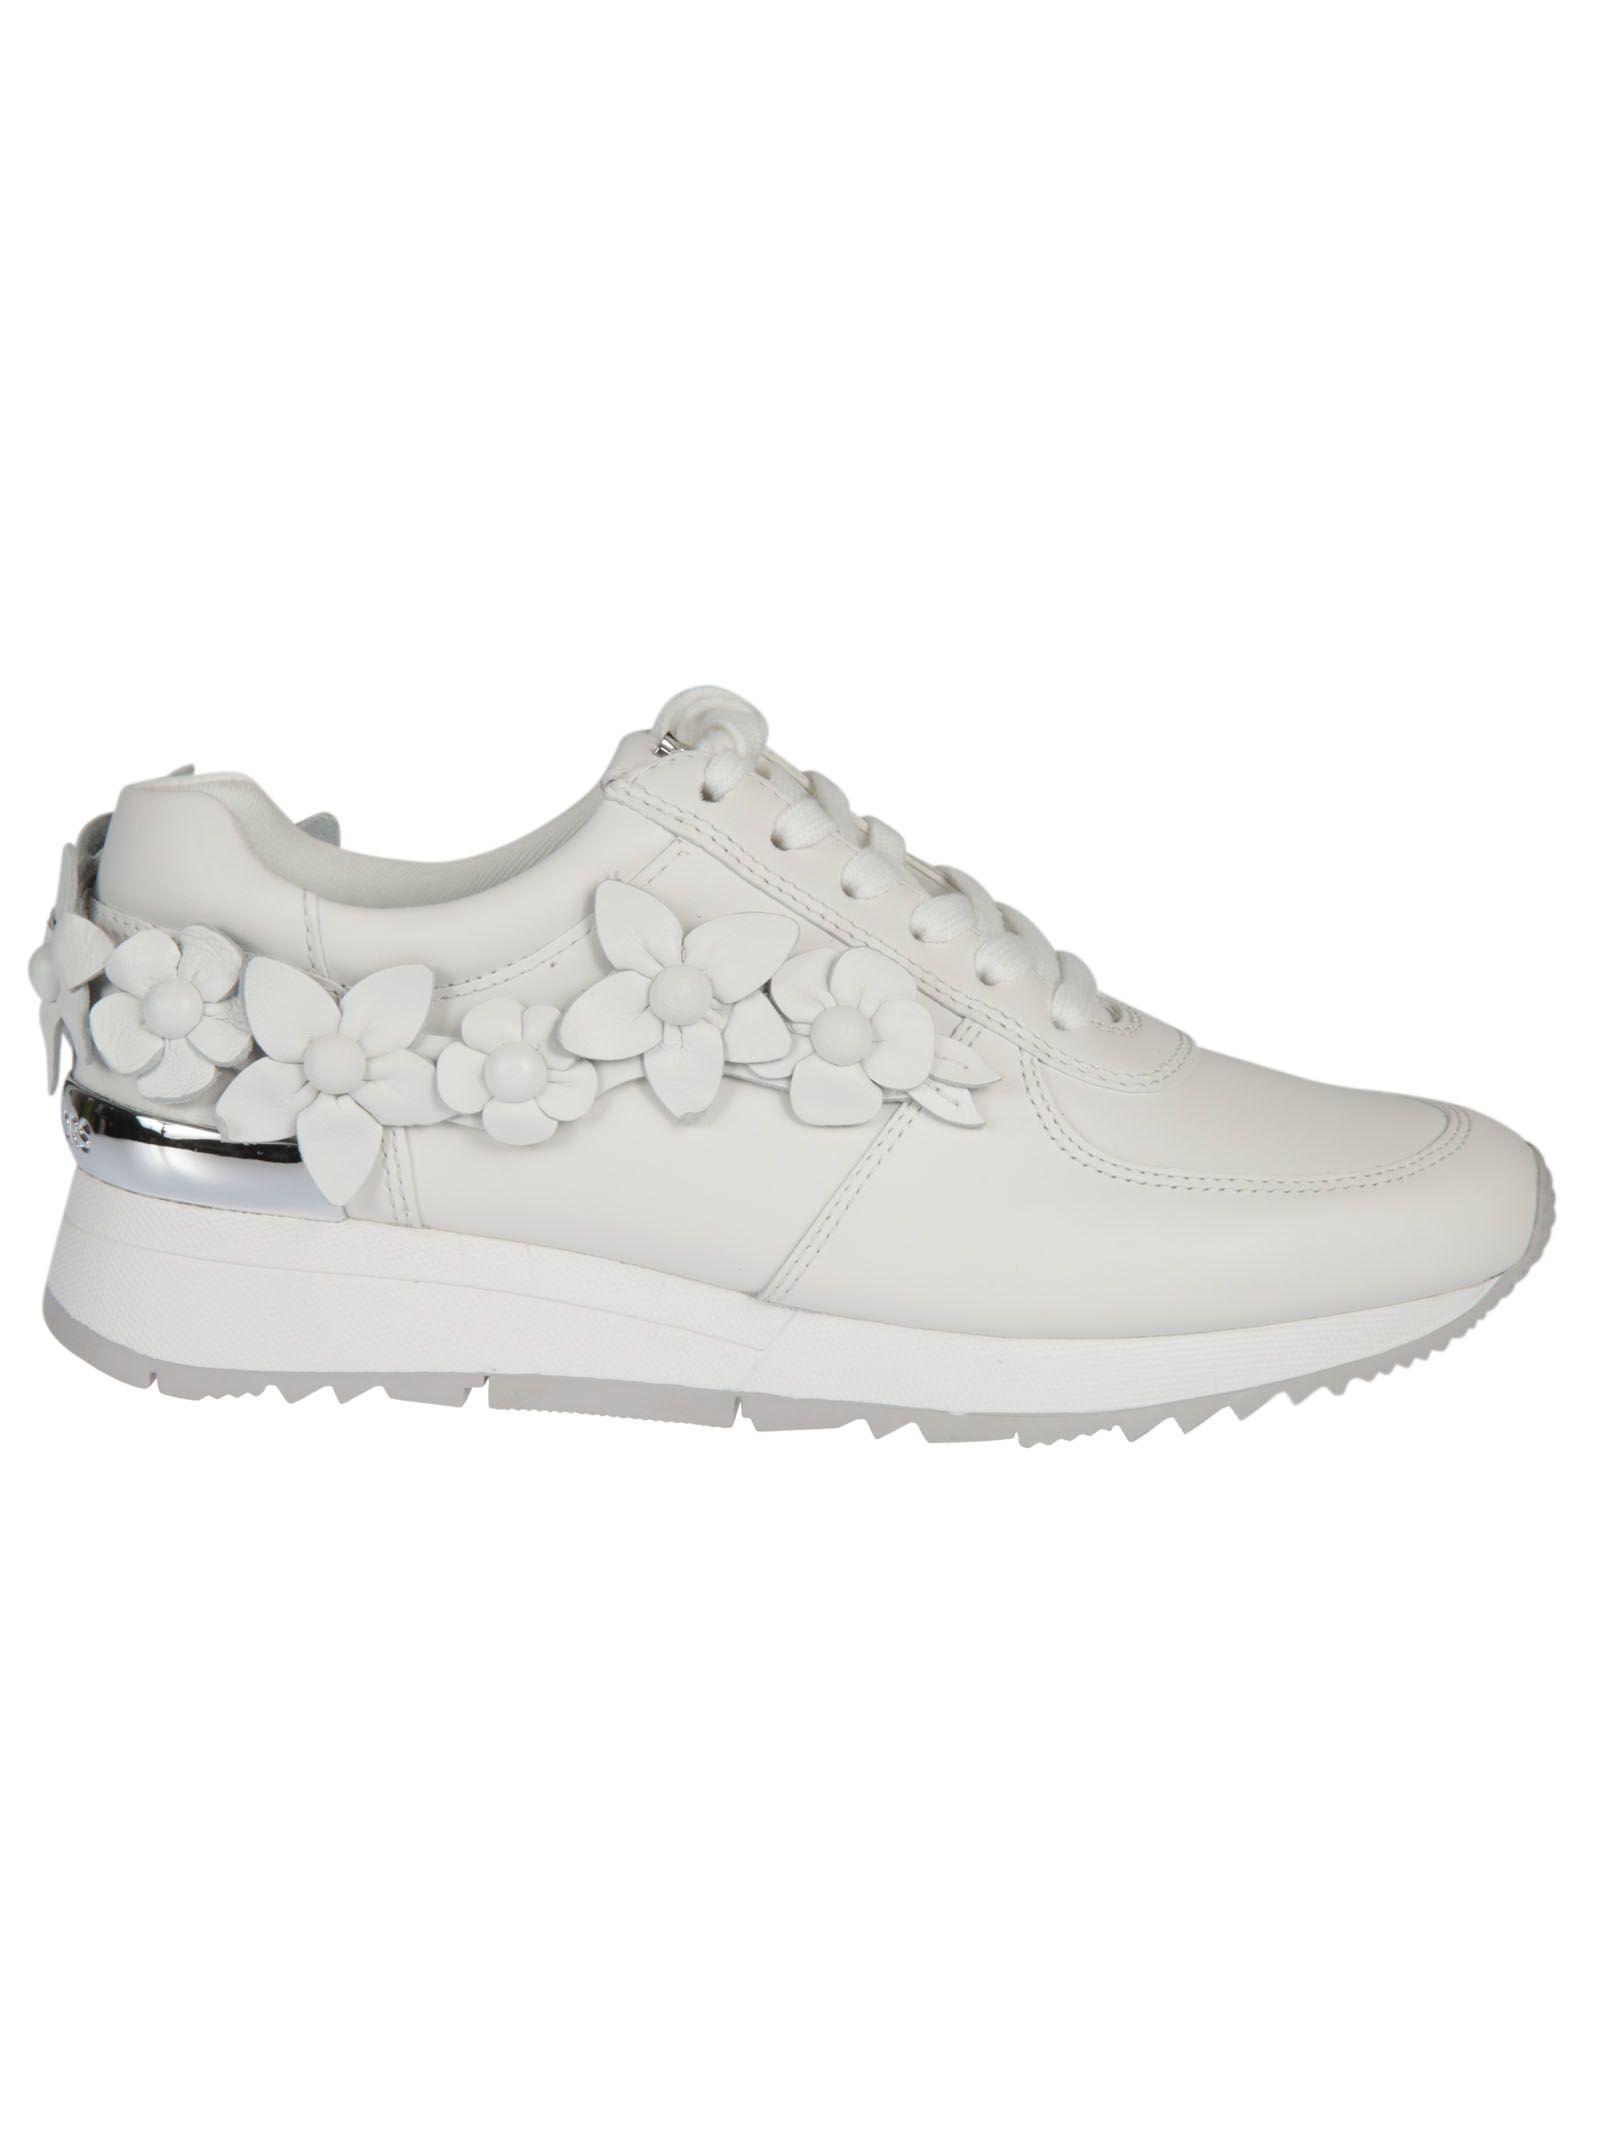 Michael Kors Floral Applique Sneakers